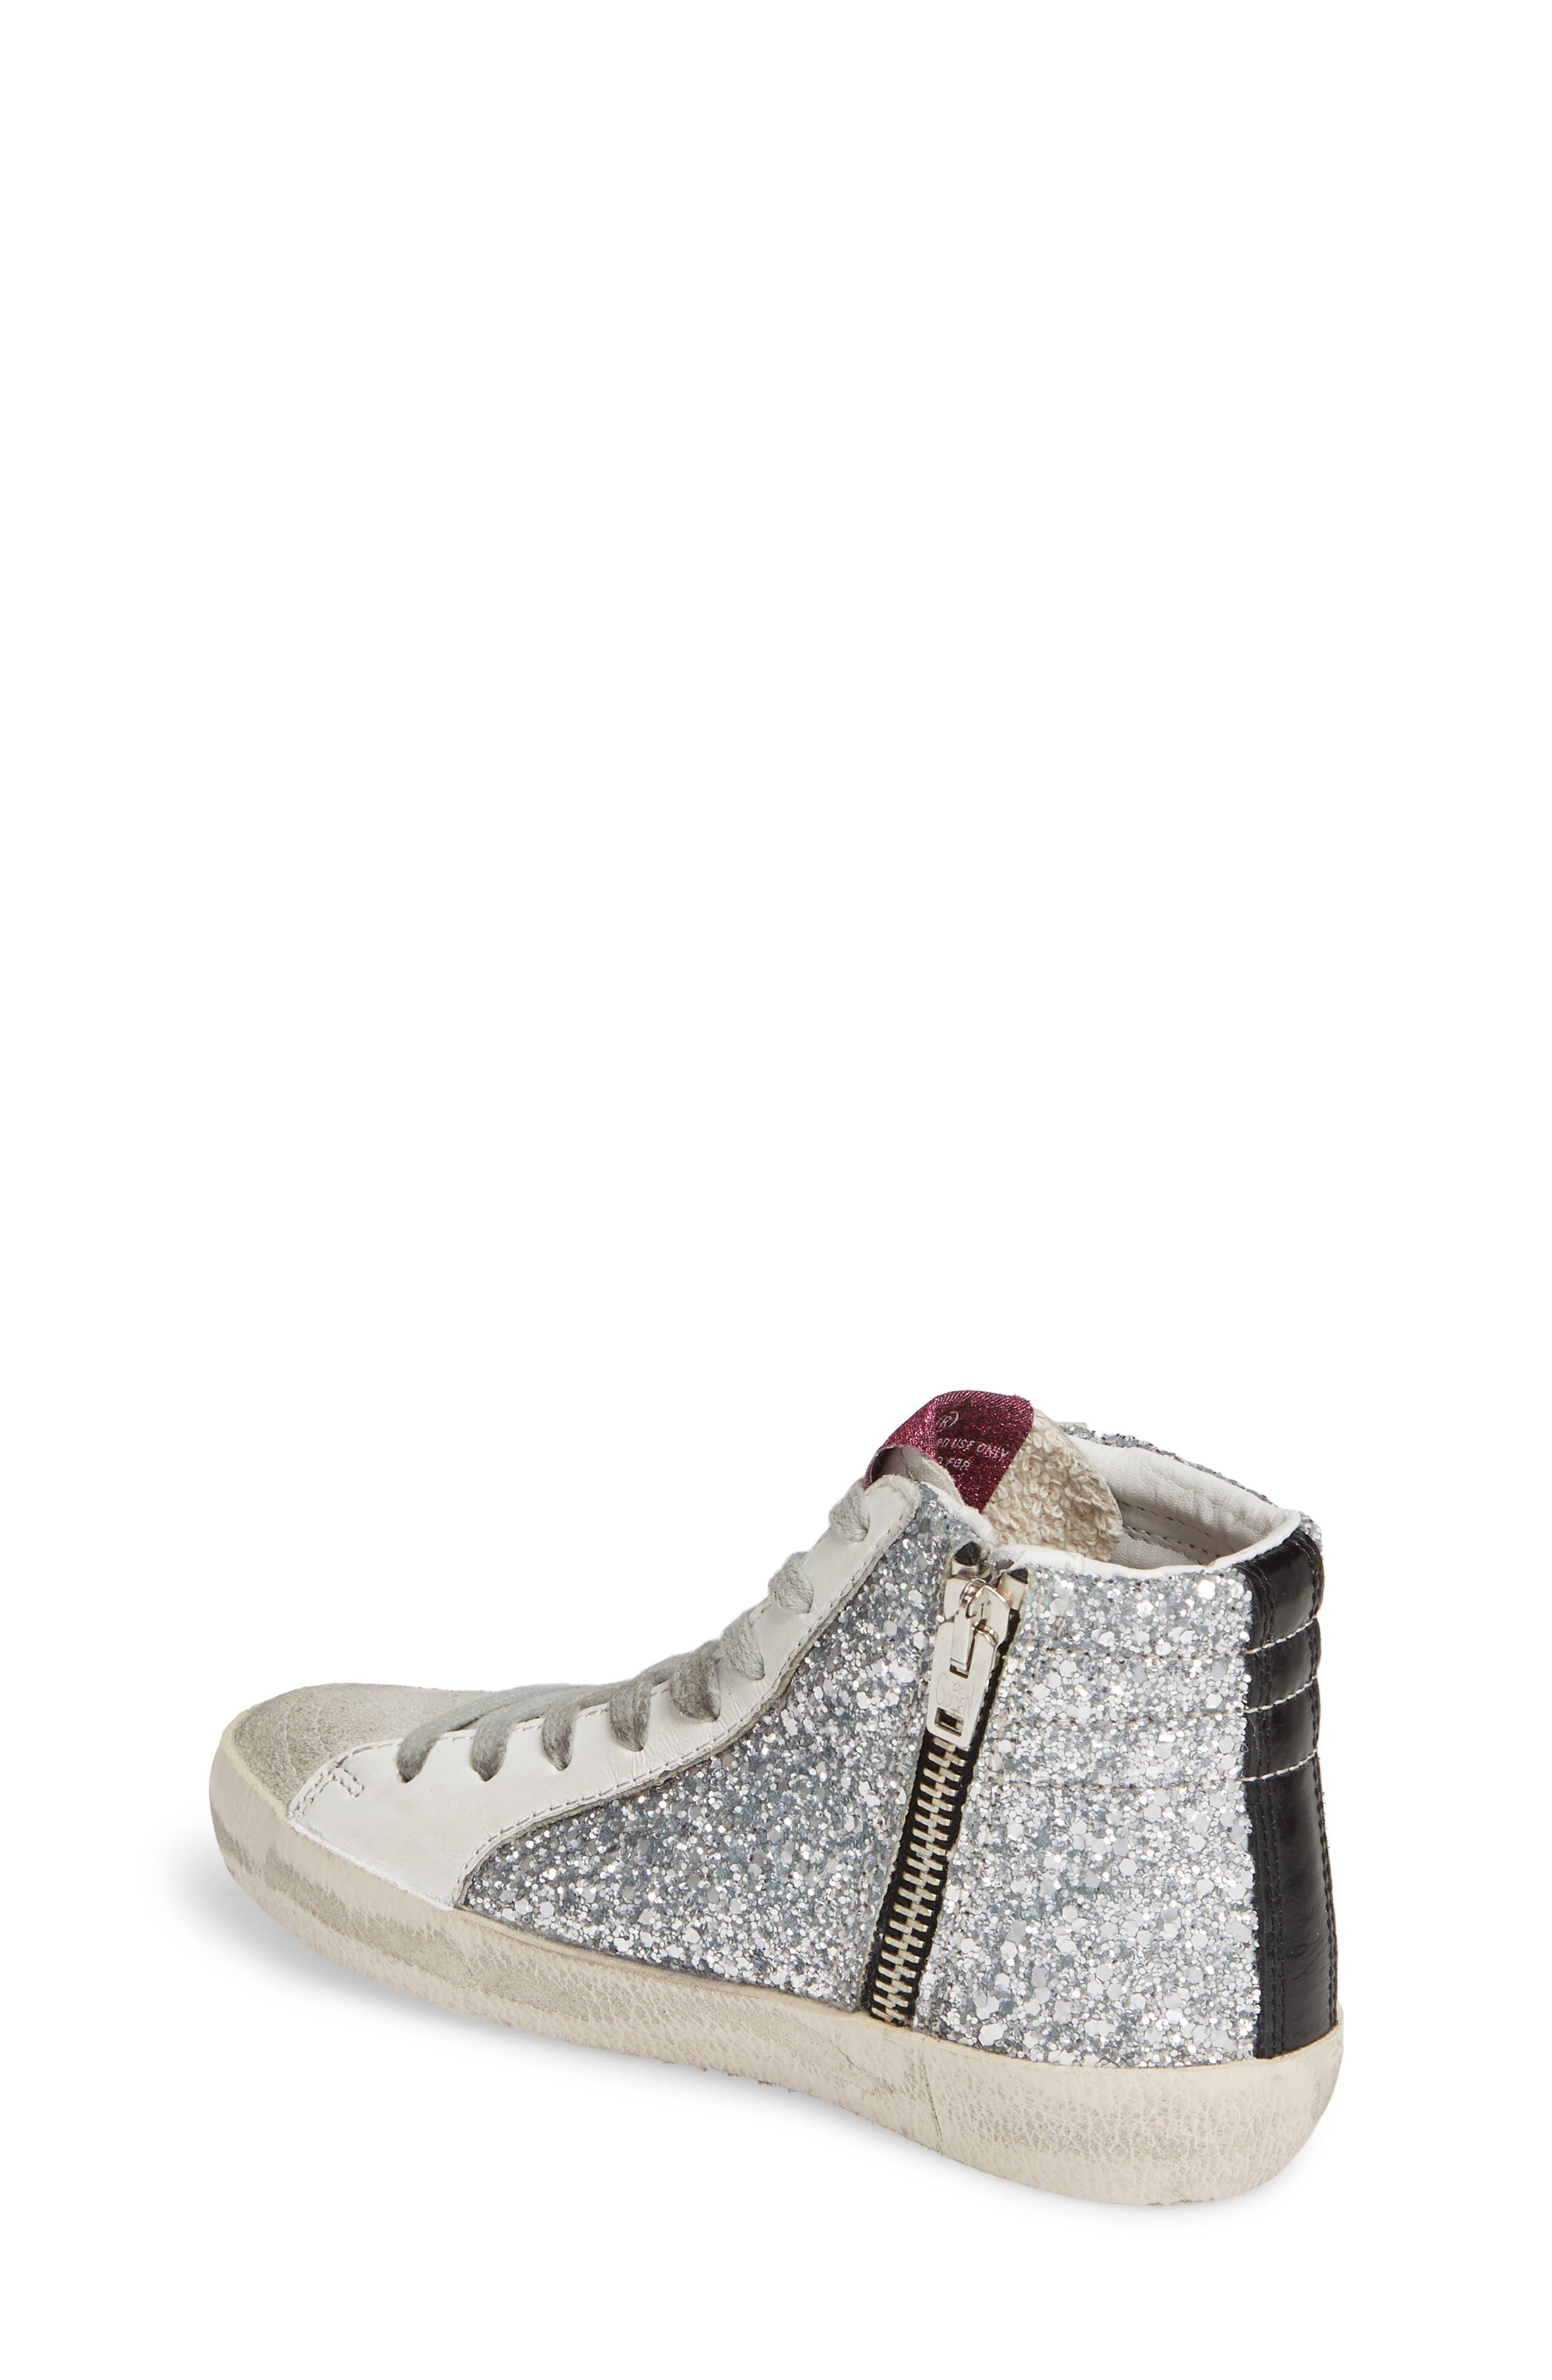 GOLDEN GOOSE, Slide Glitter High Top Sneaker, Alternate thumbnail 2, color, SILVER GLITTER/ BLACK SLIDE